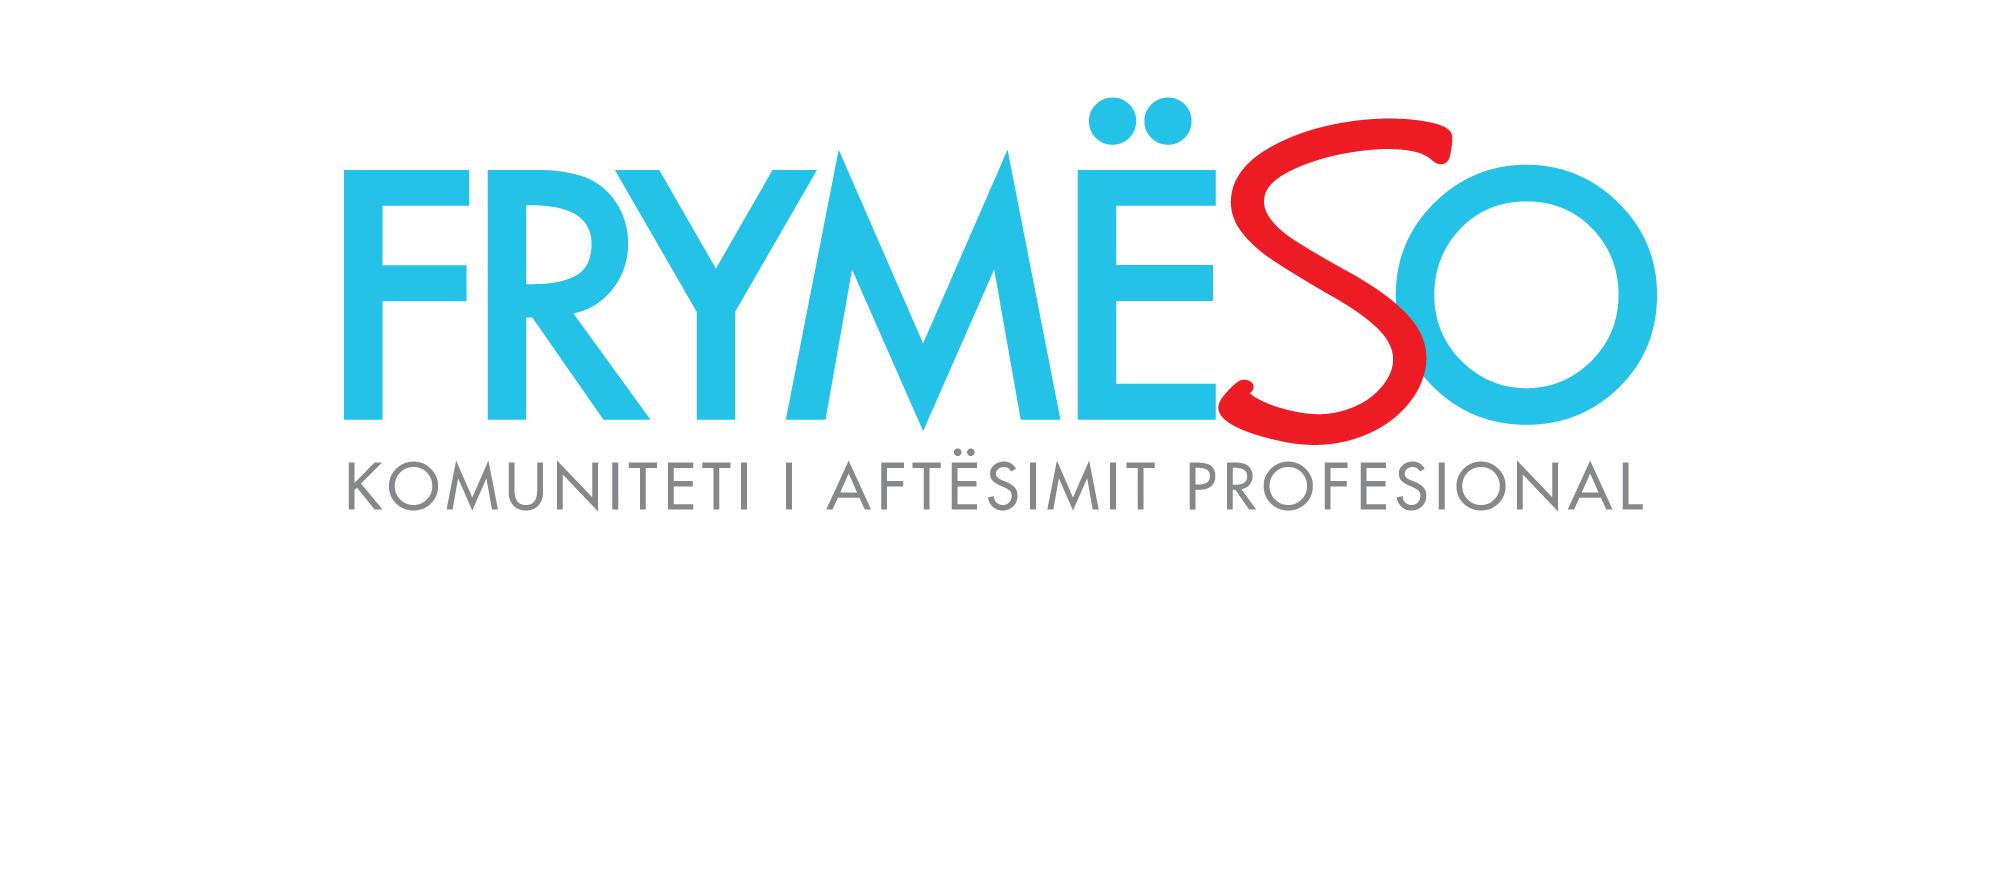 Frymëso: Komuniteti i ri online për të gjithë profesionistët e AFP në Shqipëri